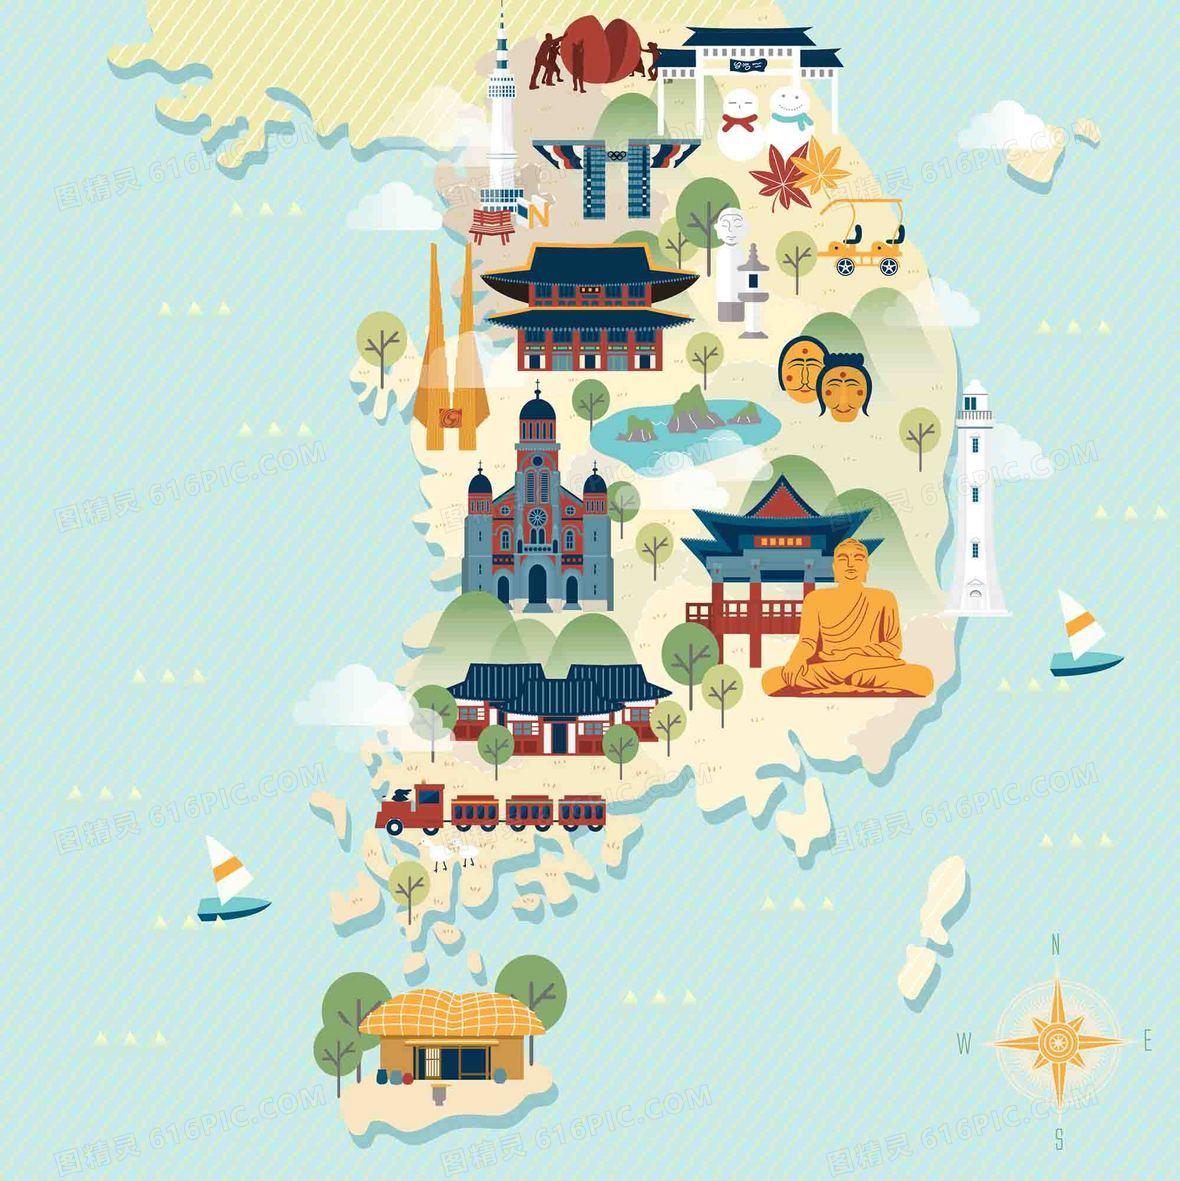 手绘矢量旅游韩国江原道景点地图海报背景